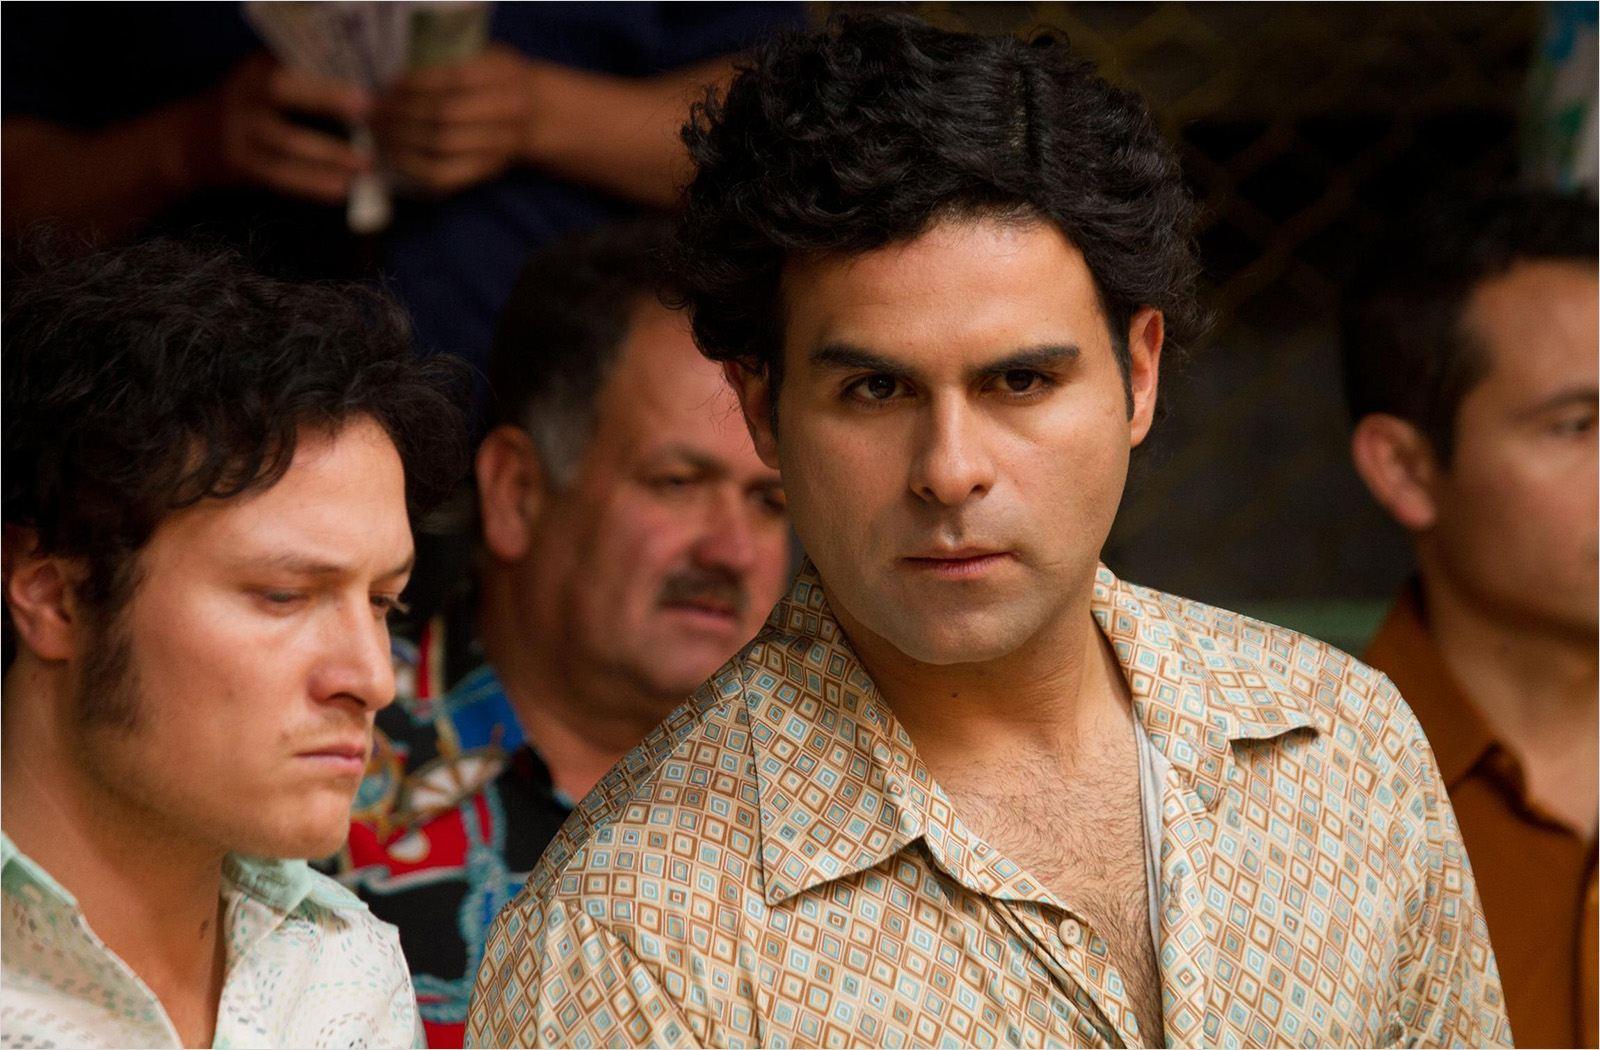 Pablo Escobar El Patron Del Mal Serie Online Gratis   …